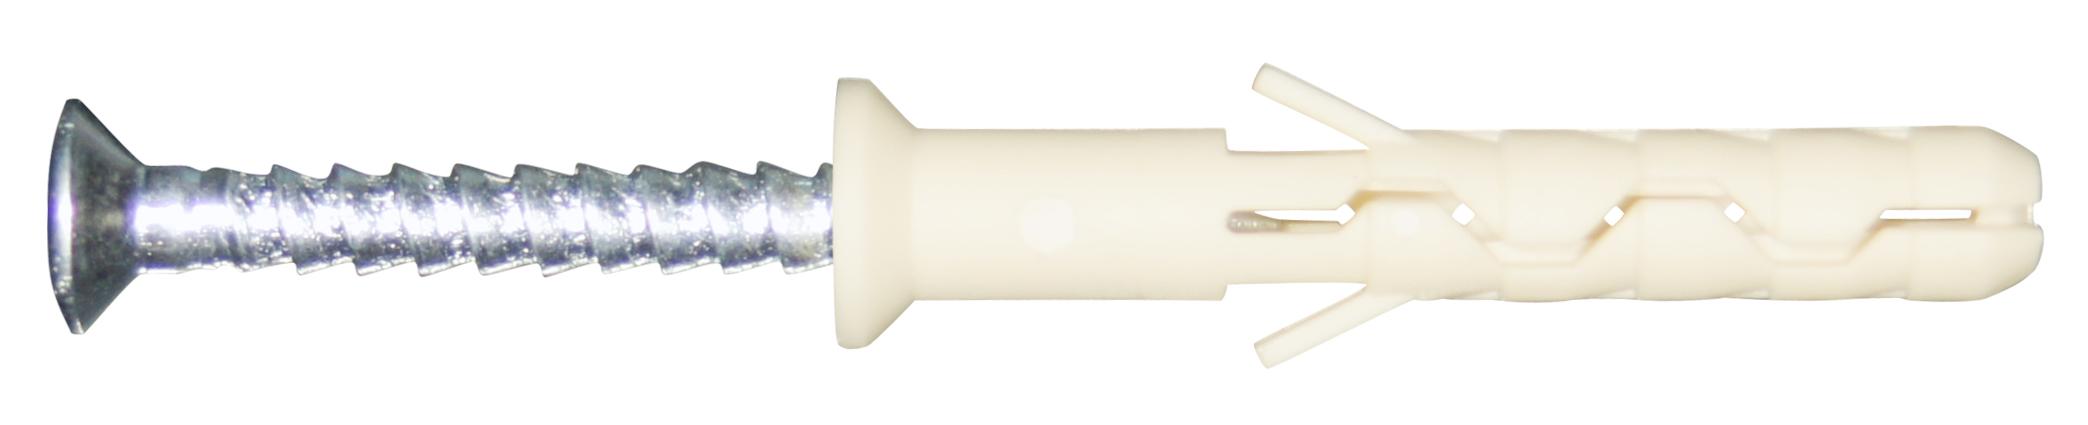 Дюбель-гвоздь EuropartnerДюбели и дюбель-гвозди<br>Тип: дюбель-гвоздь, Диаметр: 8, Длина (мм): 100, Материал: нейлон, Количество в упаковке: 50<br>